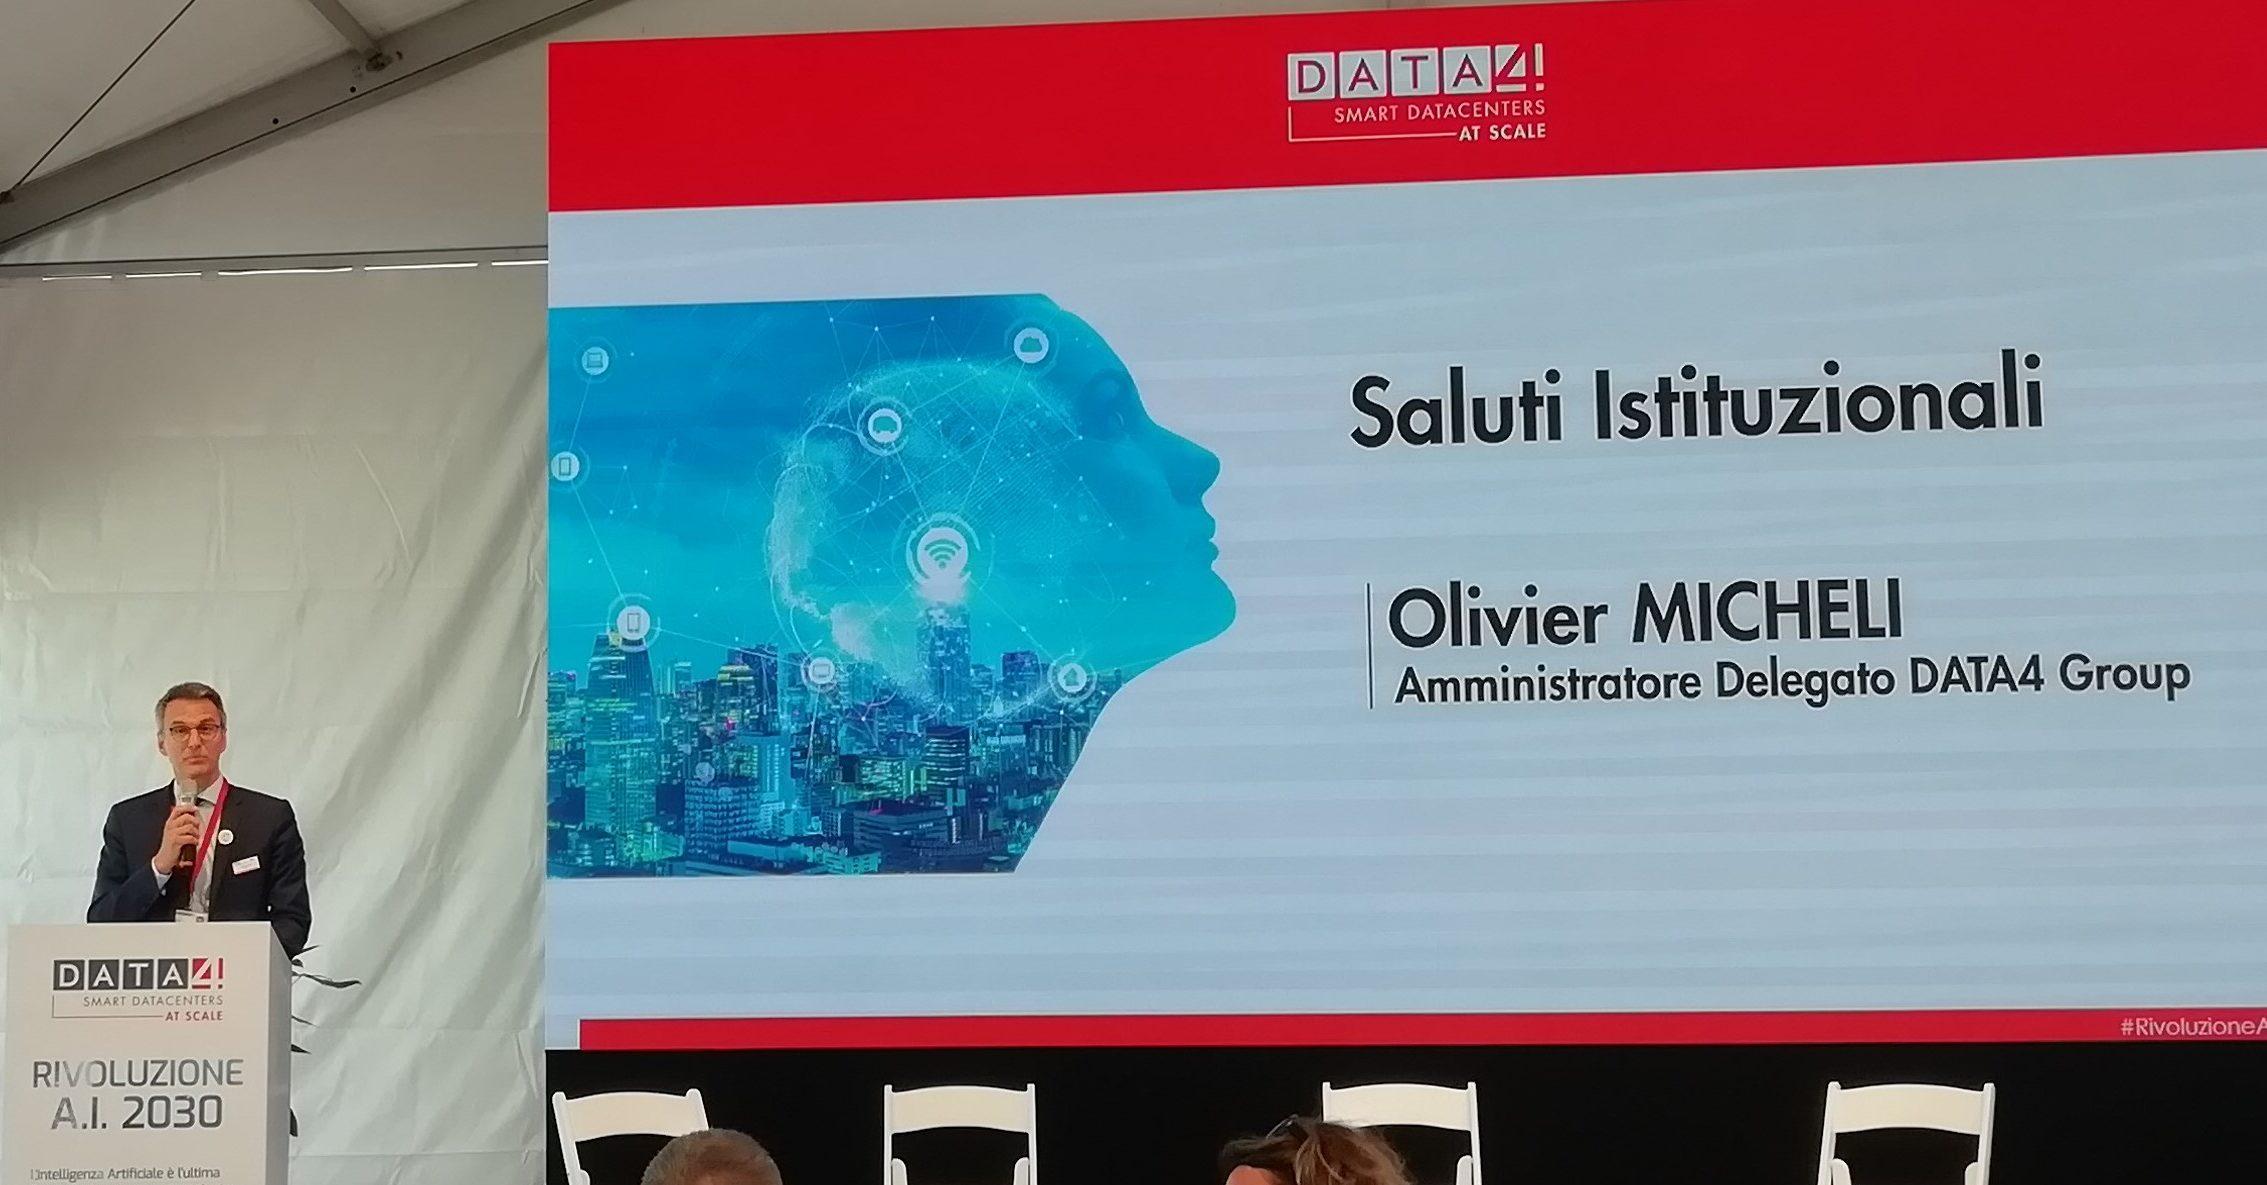 Olivier Micheli, amministratore delegato gruppo DATA4